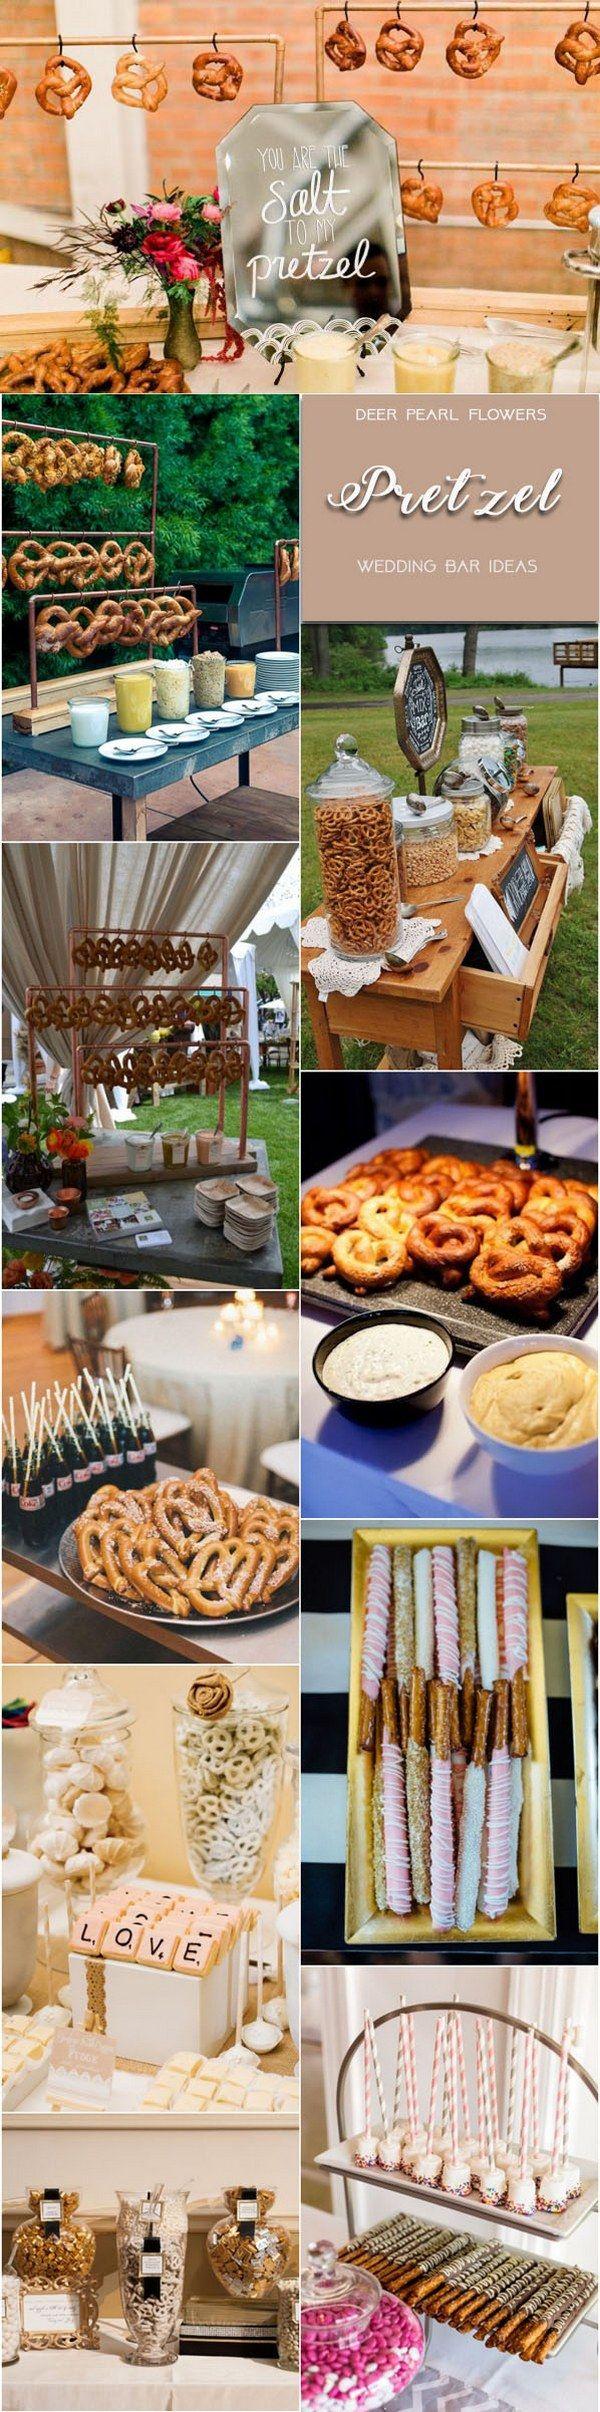 Wedding Catering Trends Top 8 Wedding Dessert Bar Ideas Pinterest